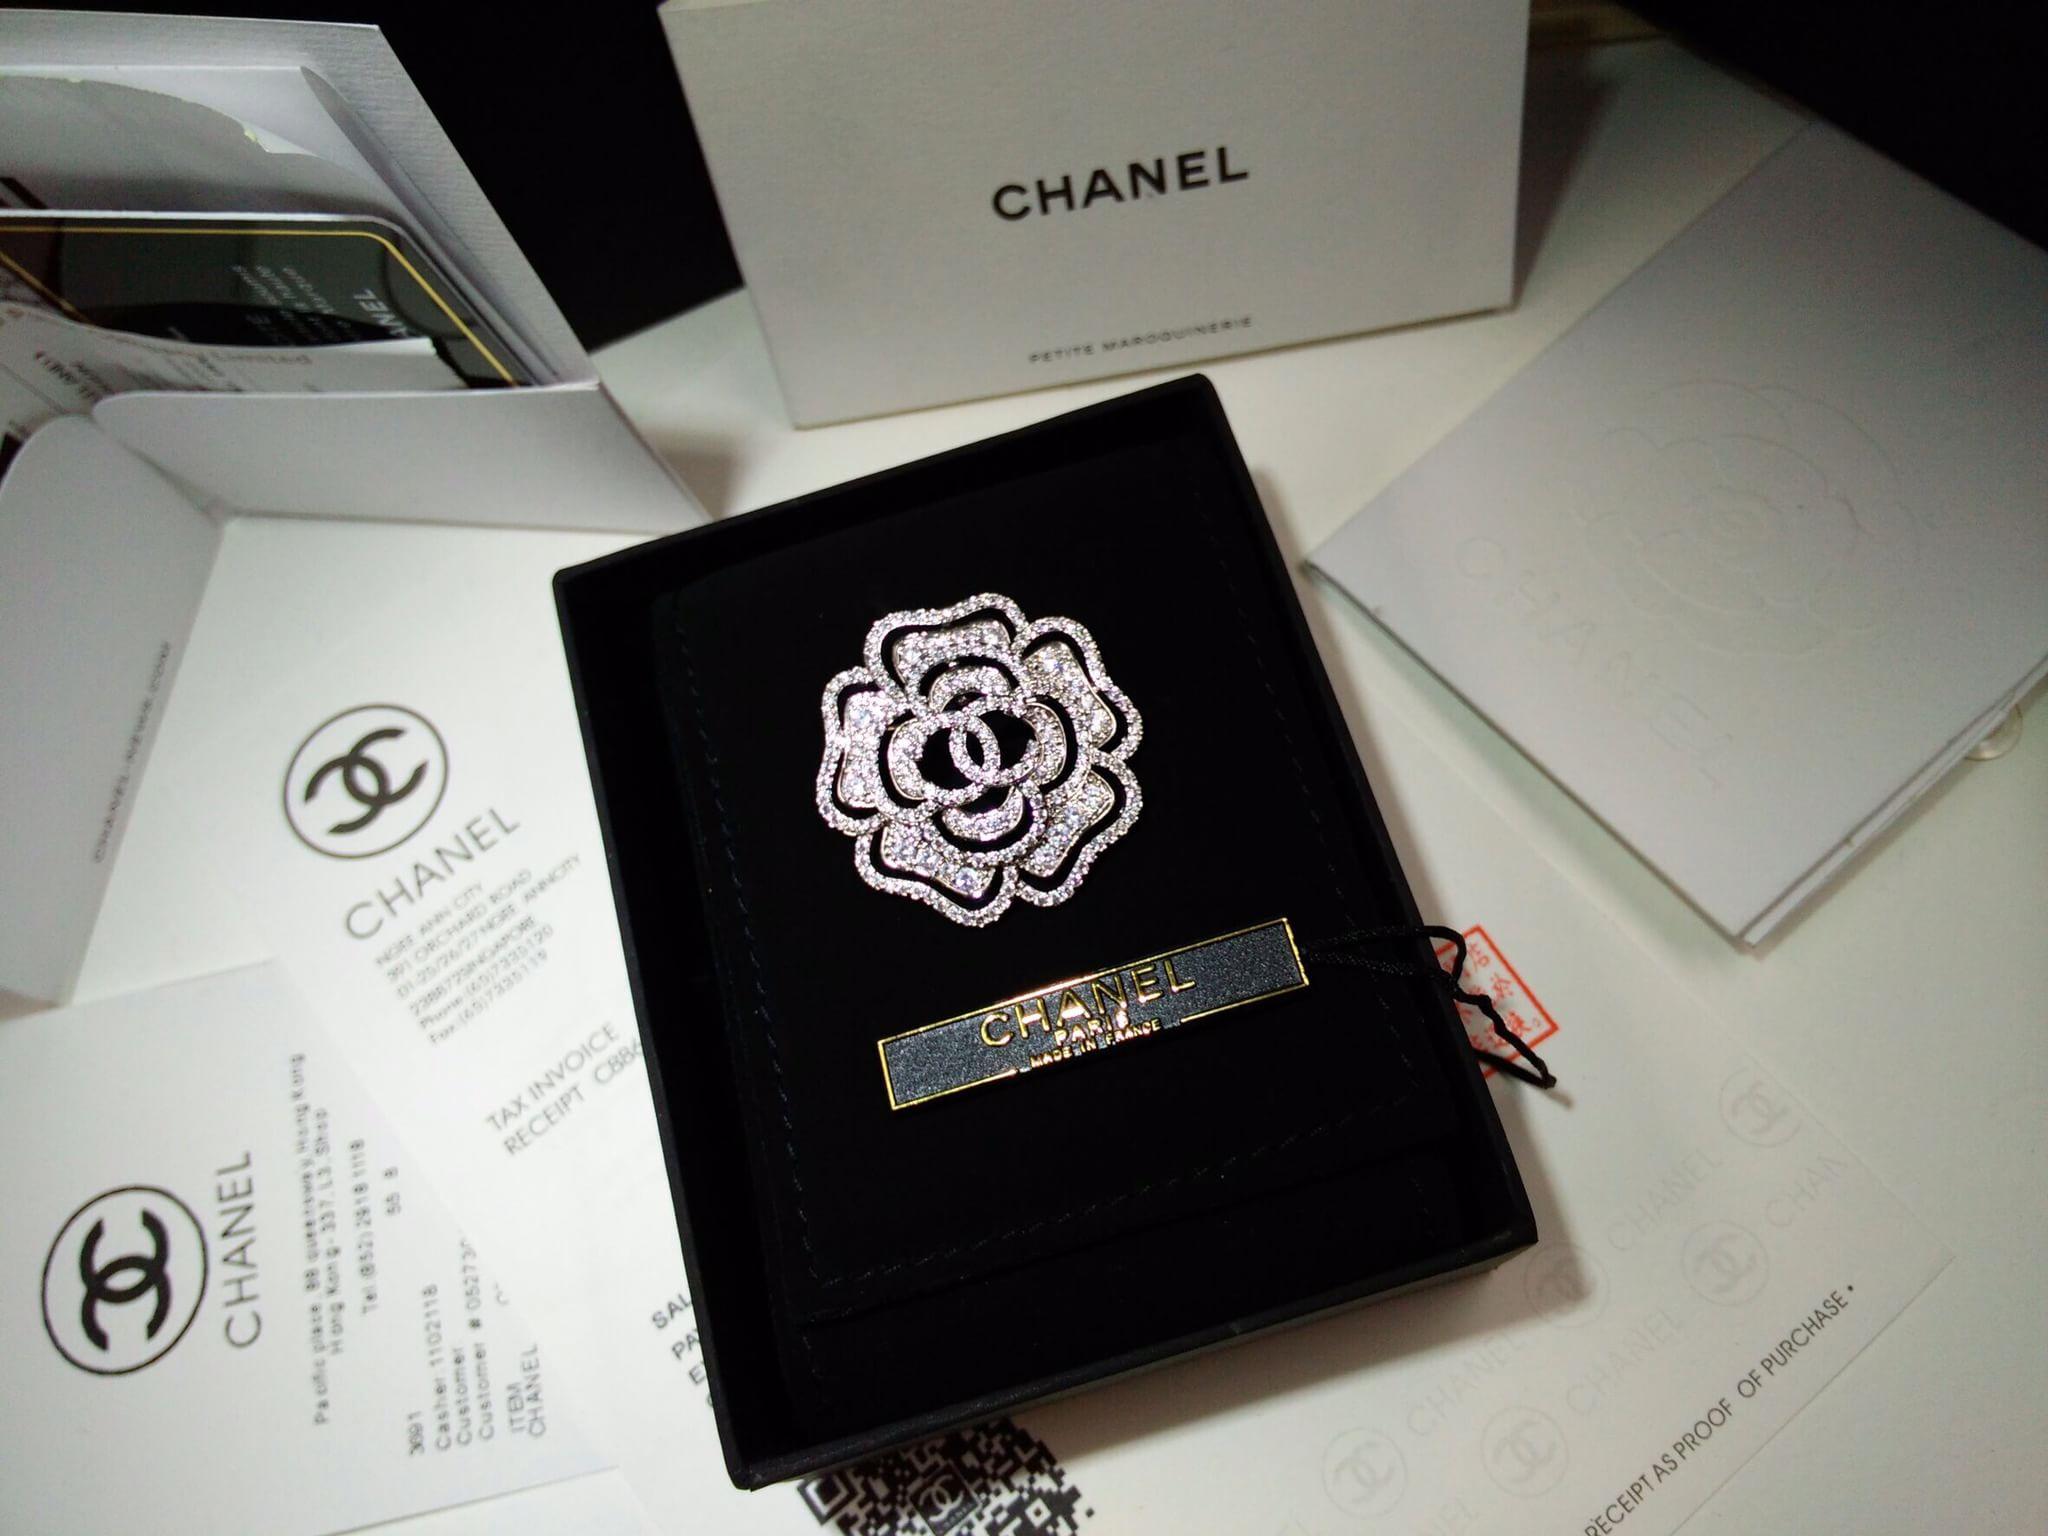 พร้อมส่ง Brooch Chanel เข็มกลัด ลายคาเมเลีย